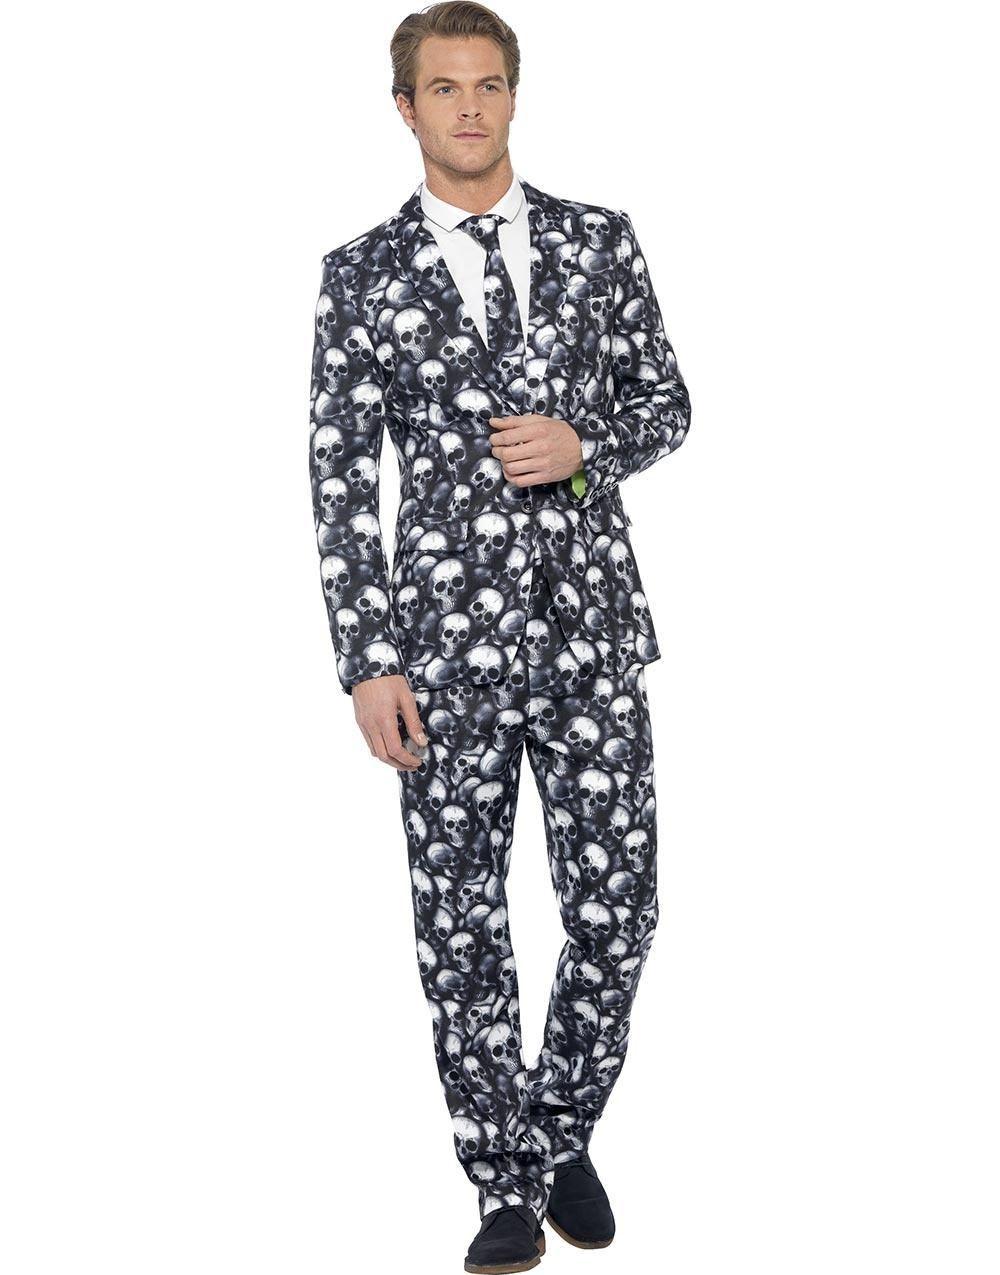 dildo test kostymer i store størrelser